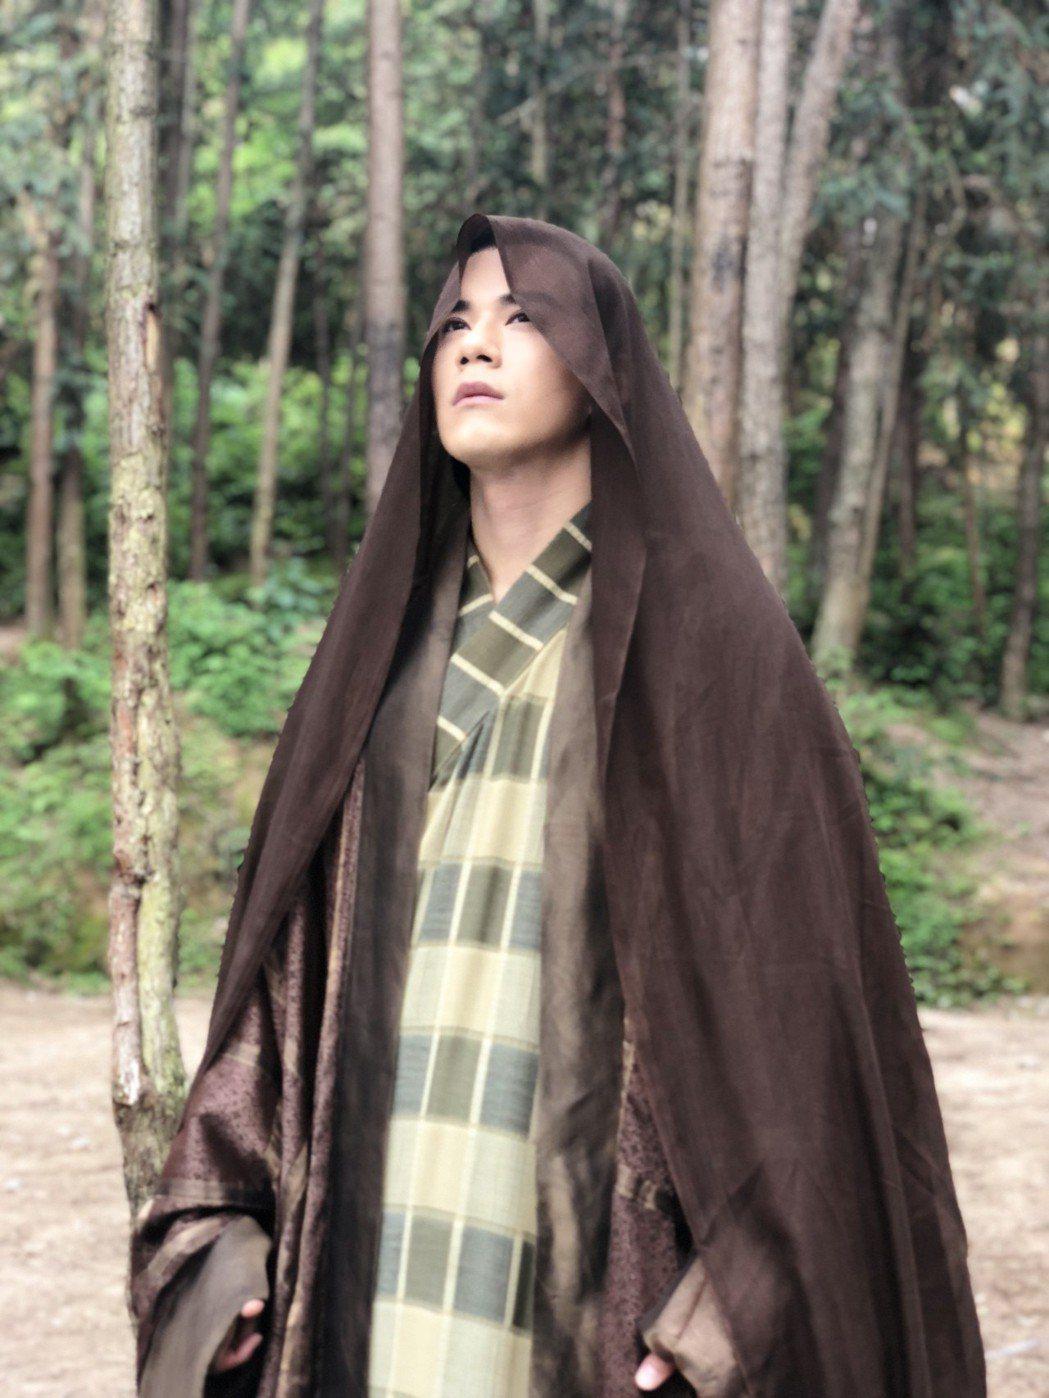 JR演「濟公降魔錄2」,酷暑盛夏穿上古裝拍戲簡直是酷刑。圖/天晴娛樂提供